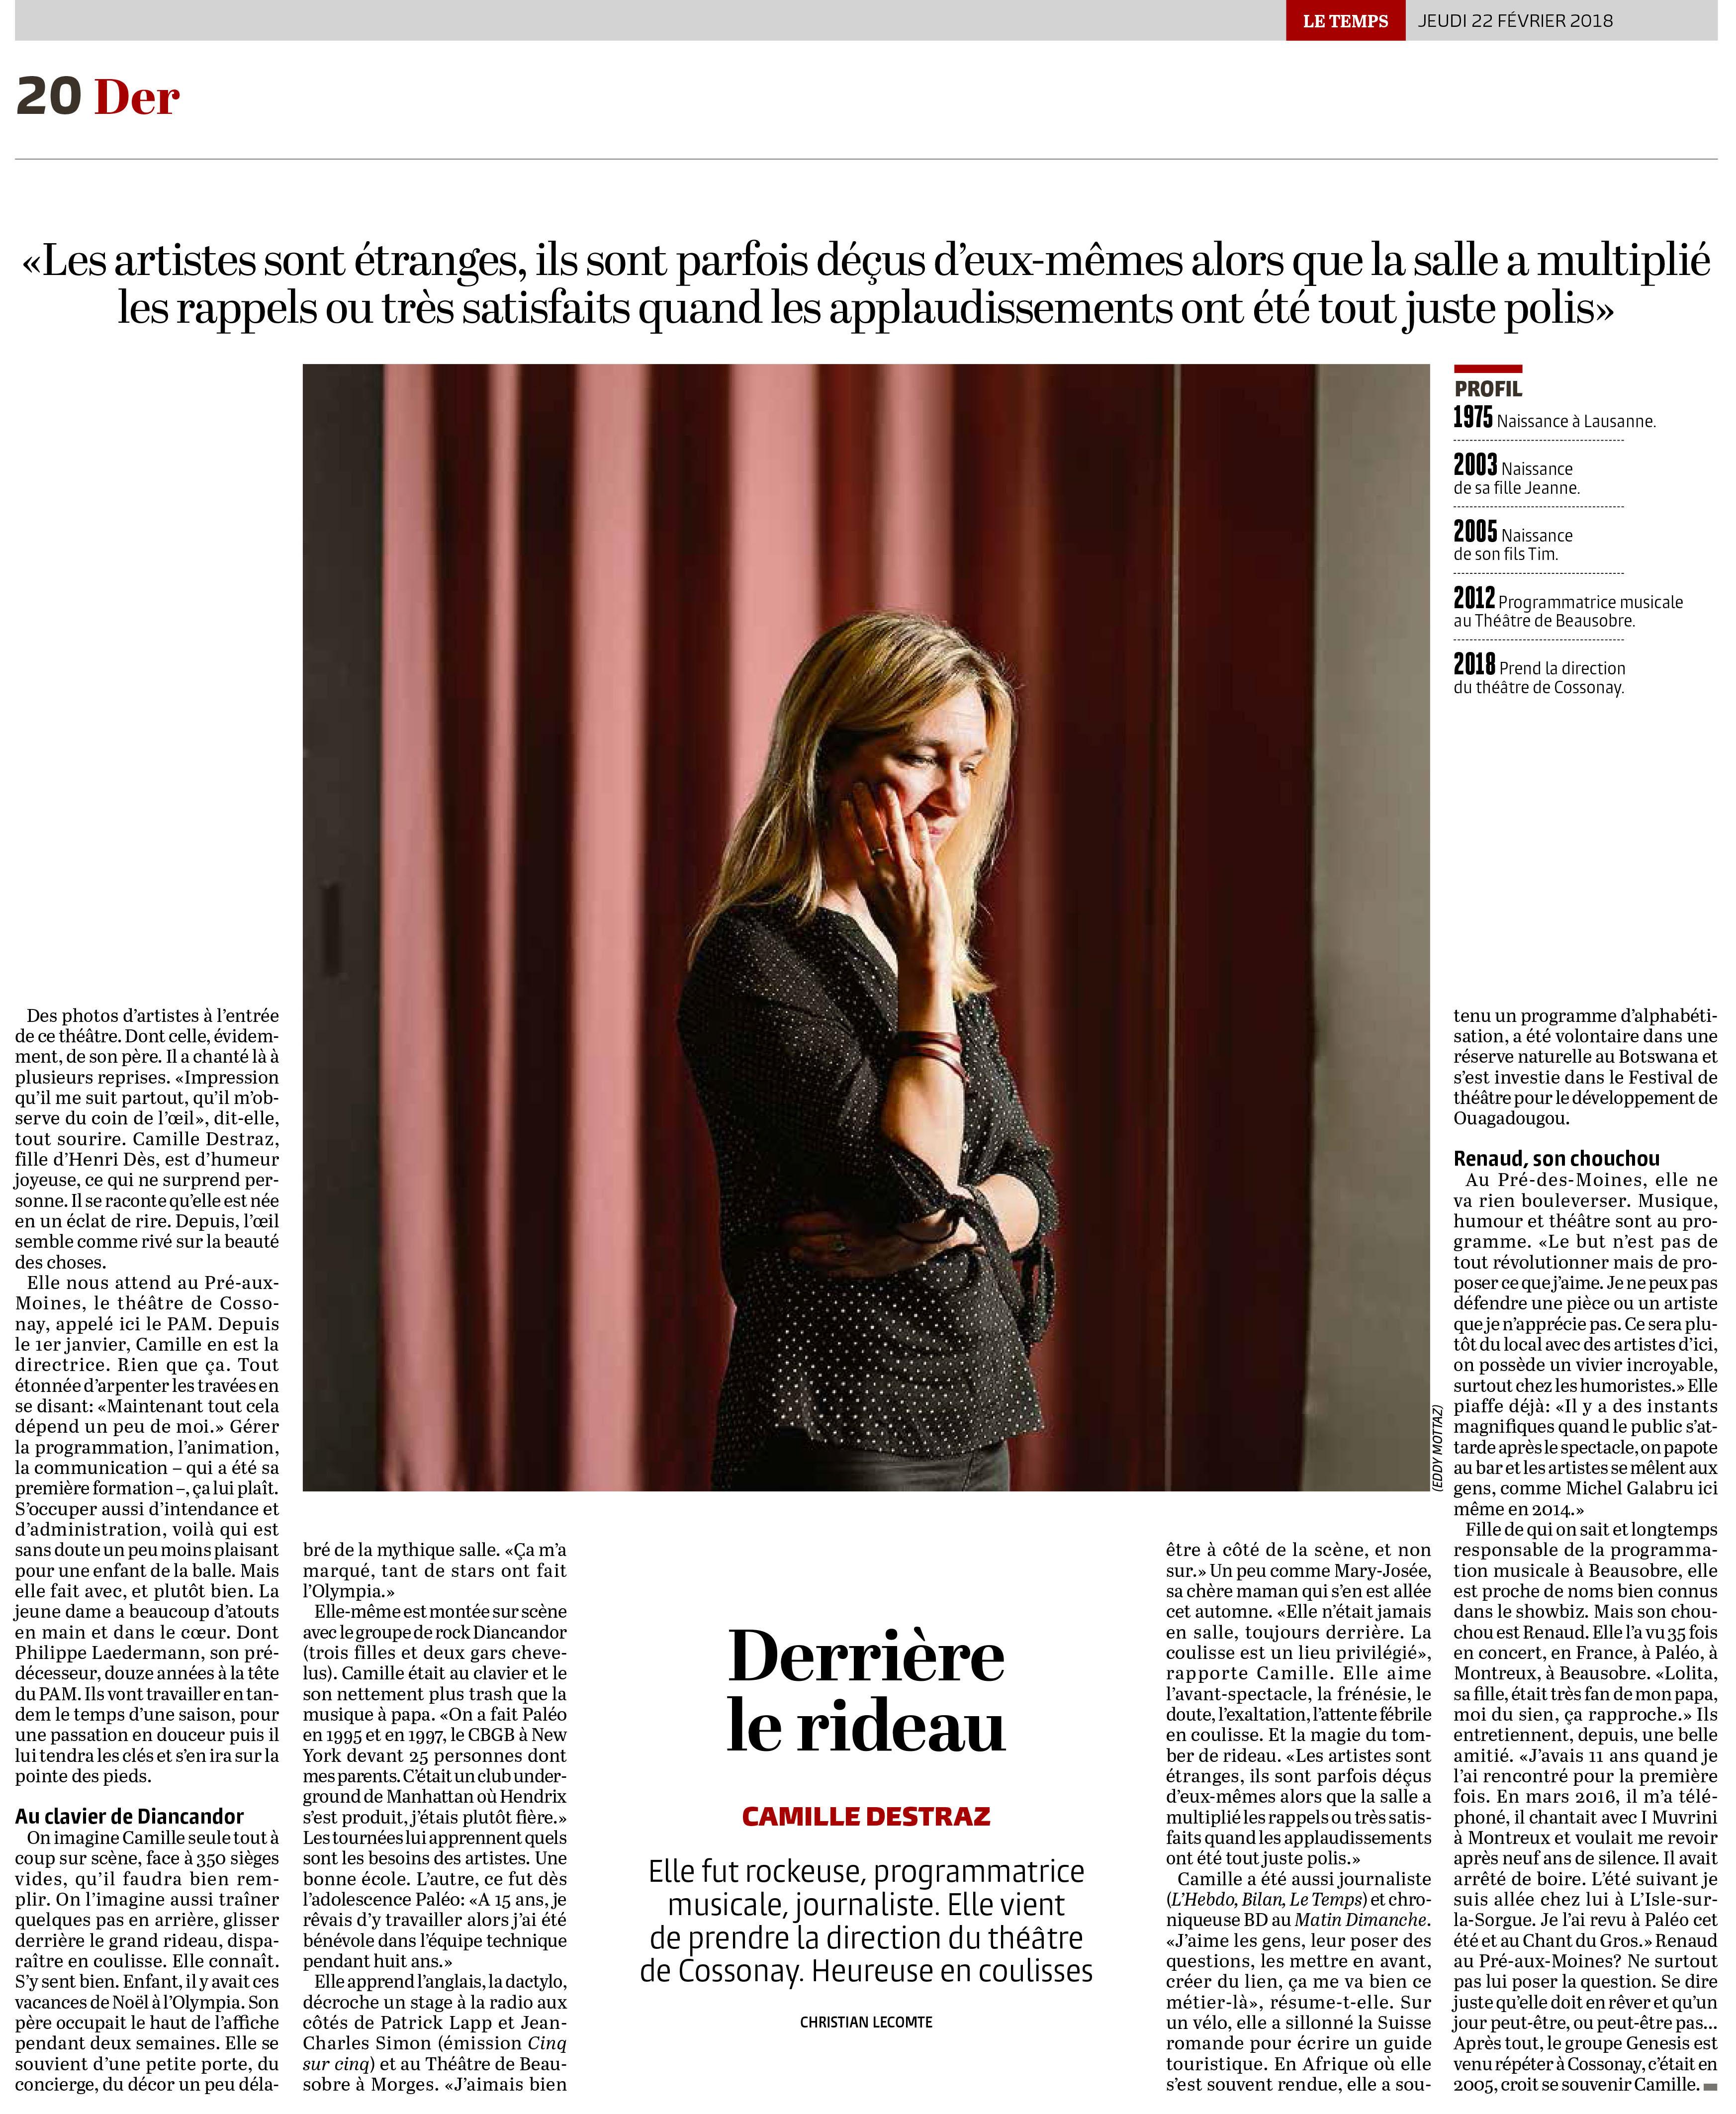 Le Temps, 22.02.2018